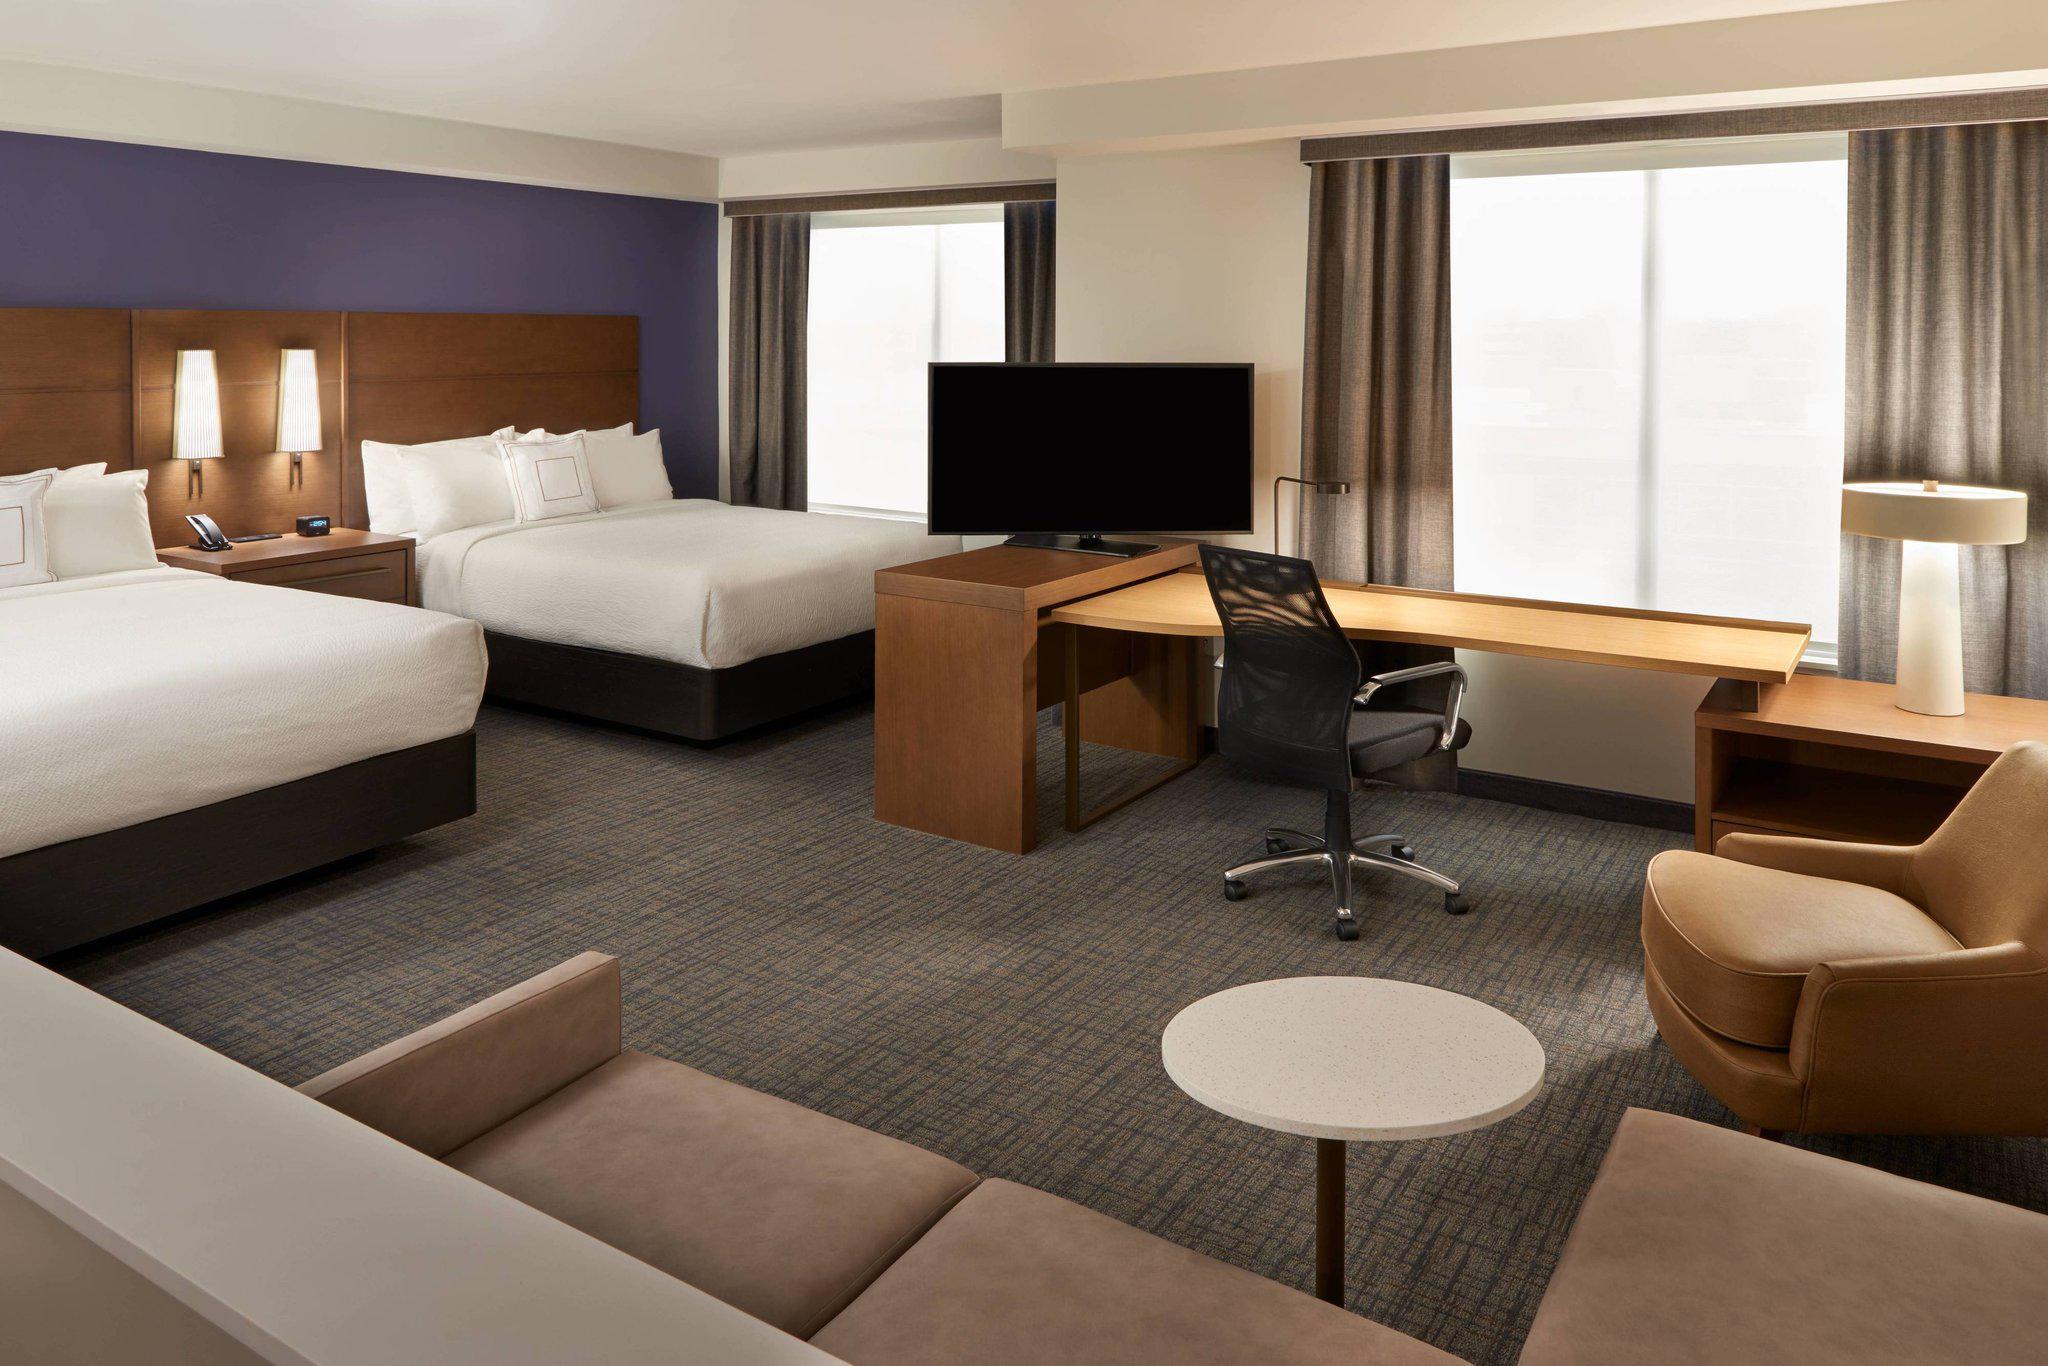 Residence Inn by Marriott Toronto Mississauga Southwest